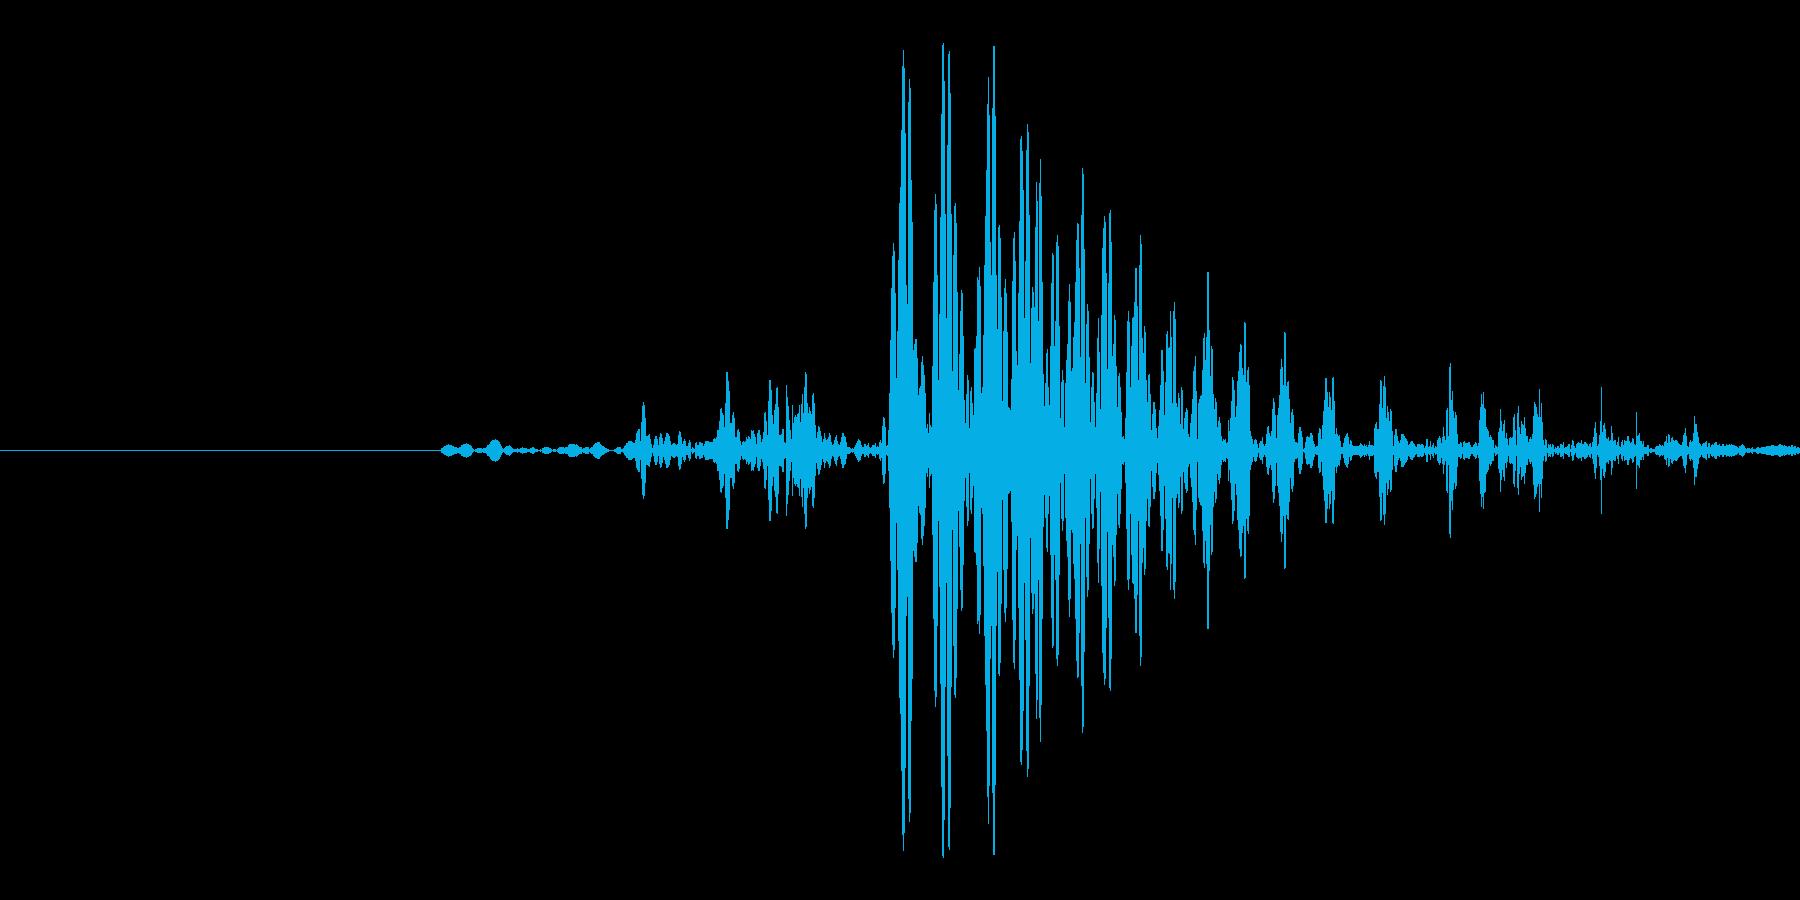 ゴクッ。人・動物が飲み込むときの喉の音の再生済みの波形